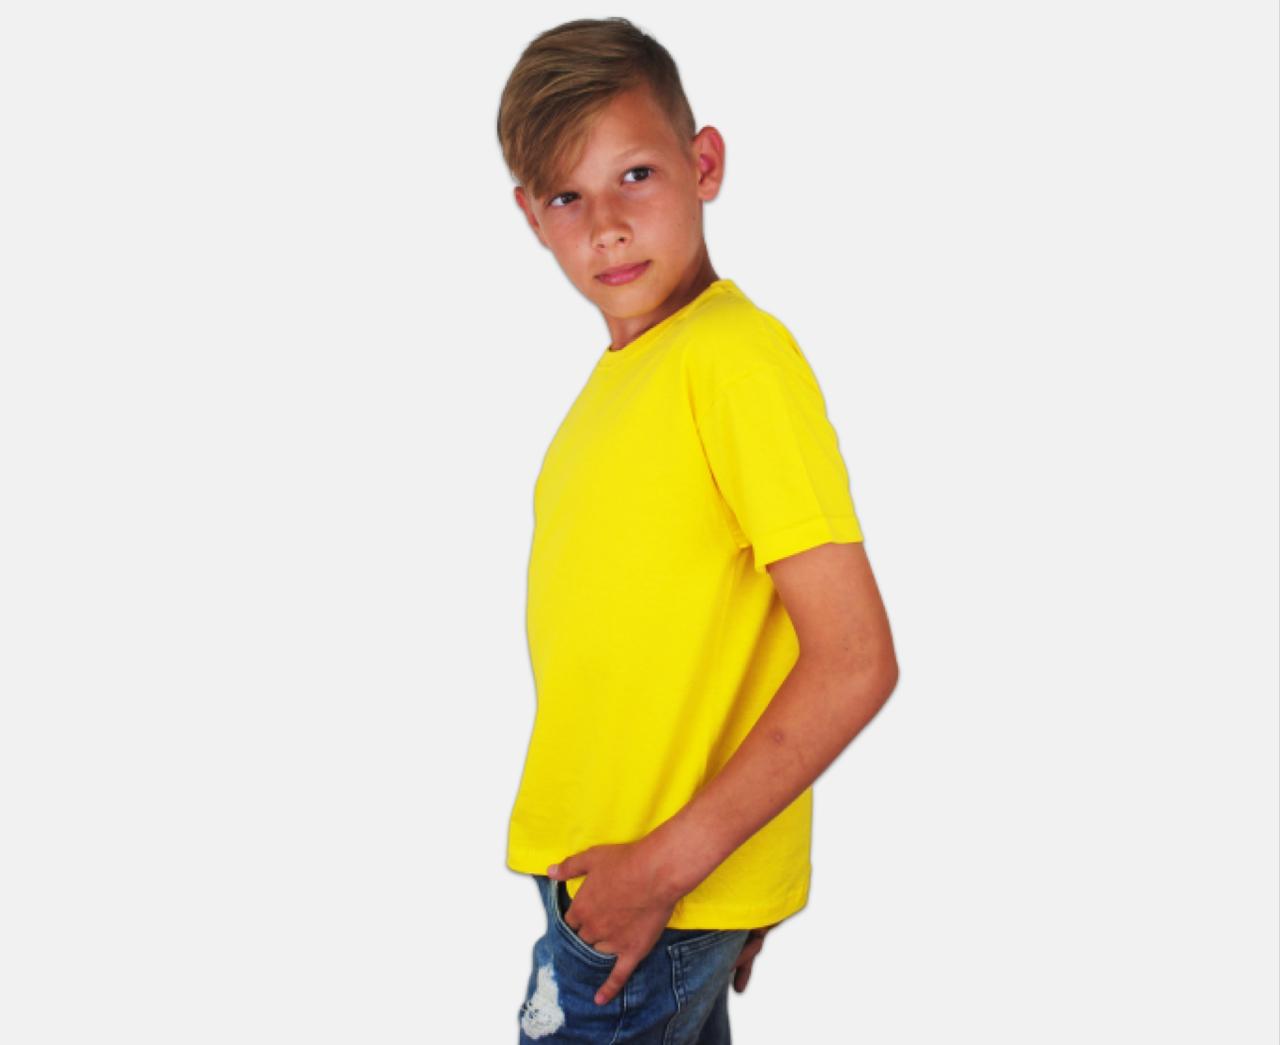 Детская Классическая Футболка для Мальчиков Ярко-жёлтая Fruit of the loom 61-033-K2 14-15